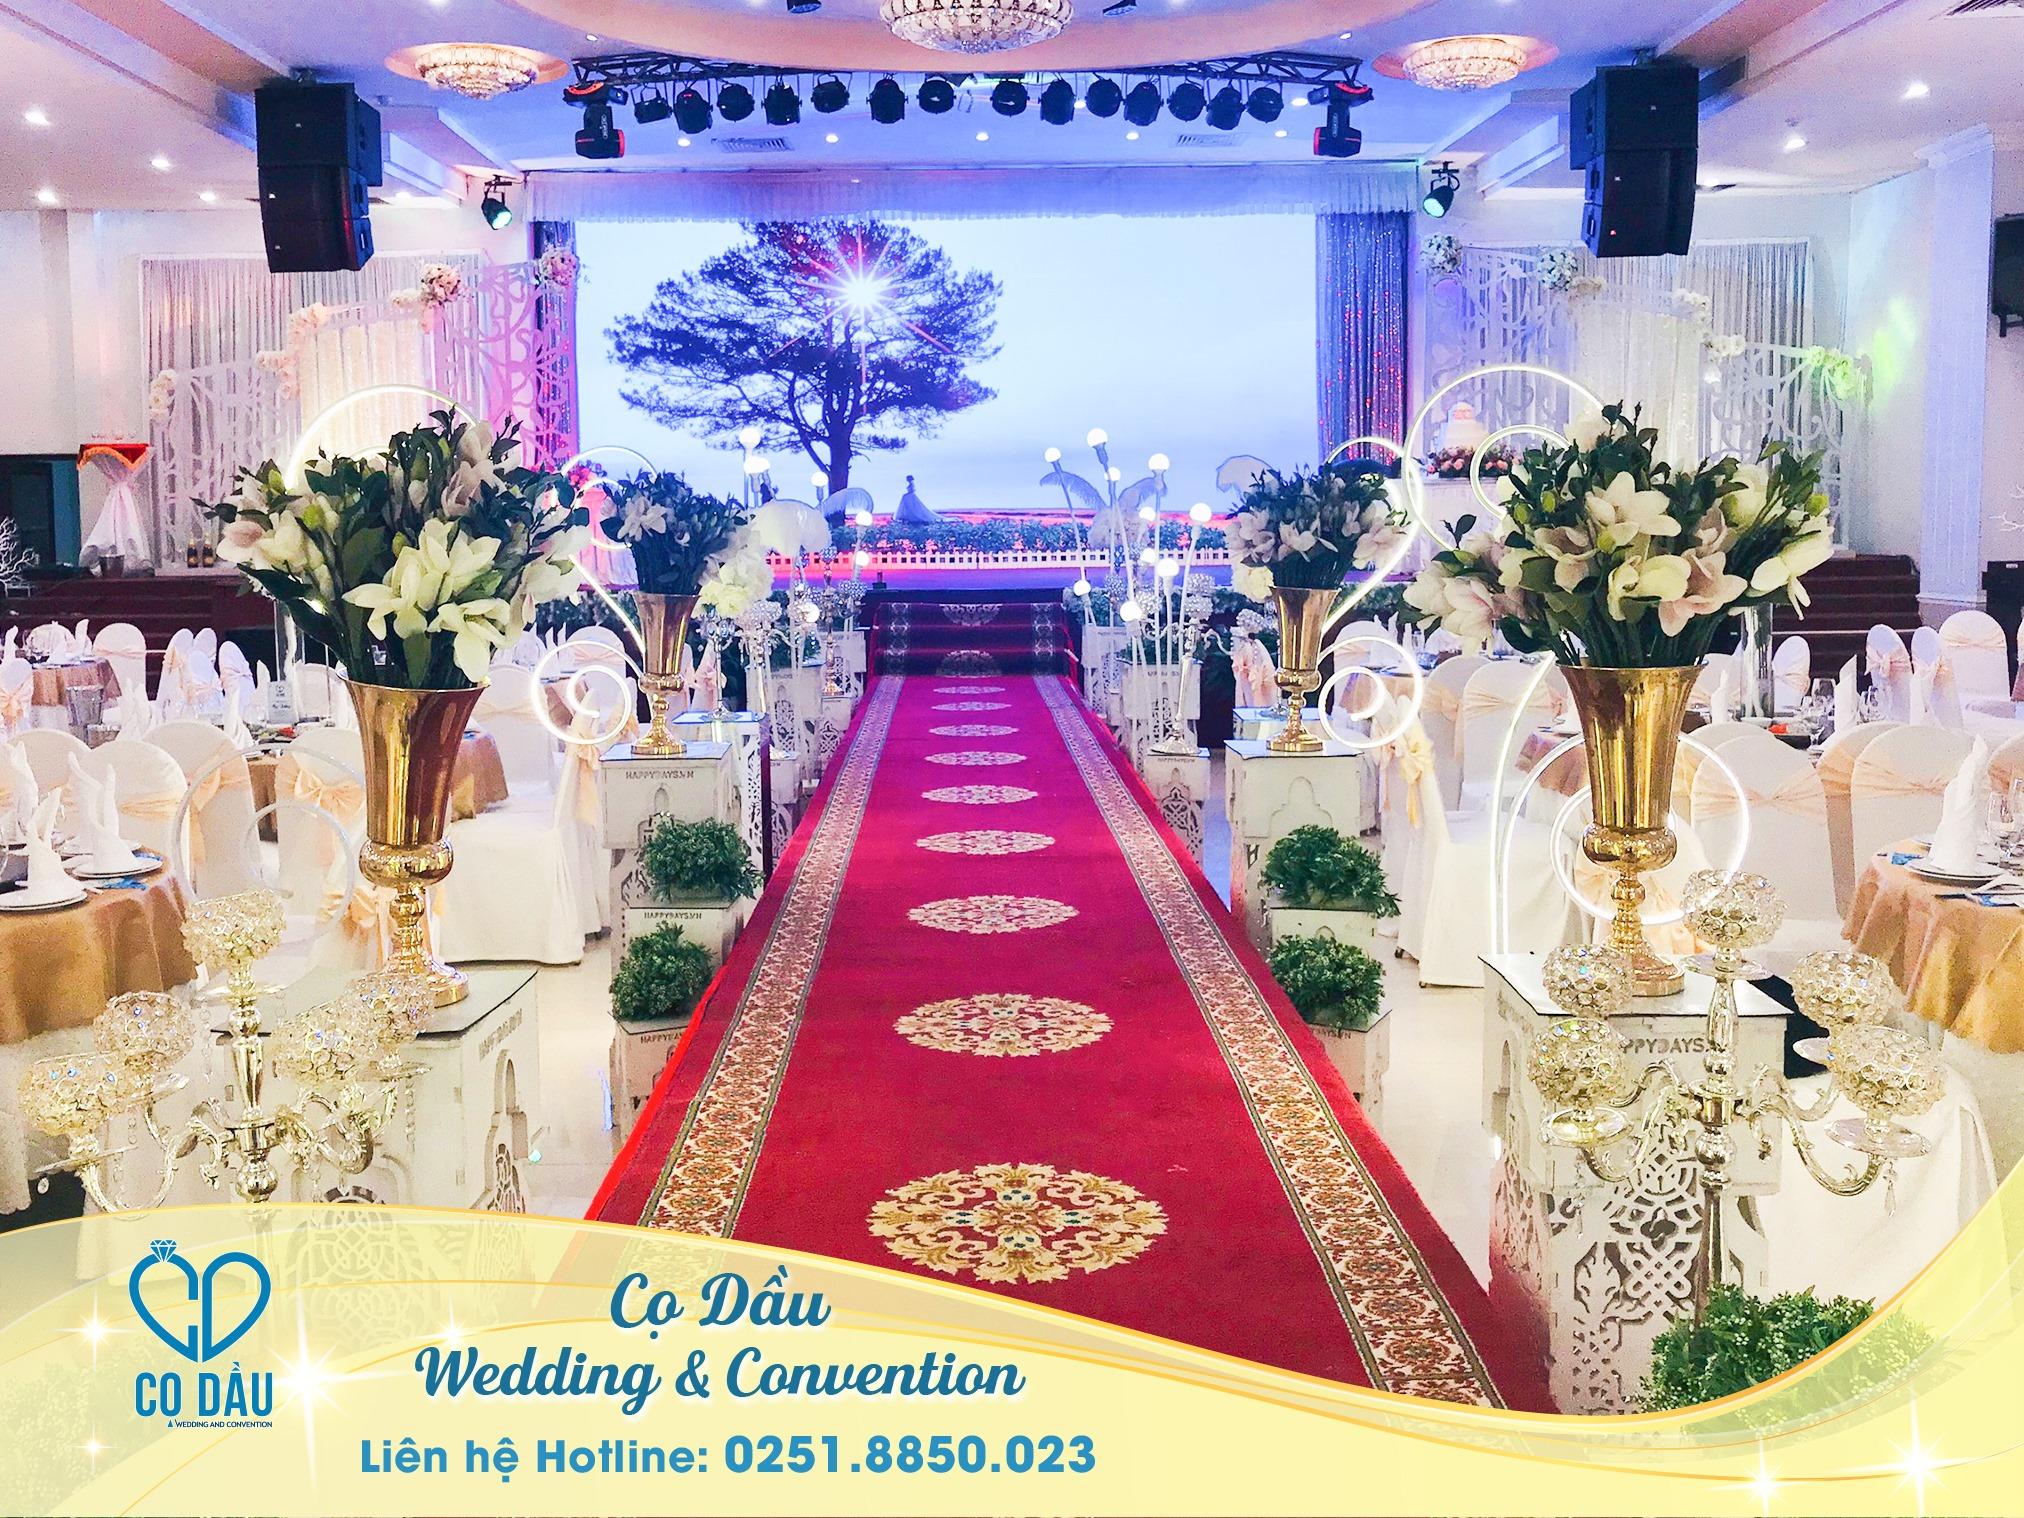 Sảnh Cưới Nhà hàng Cọ Dầu Wedding & Convention